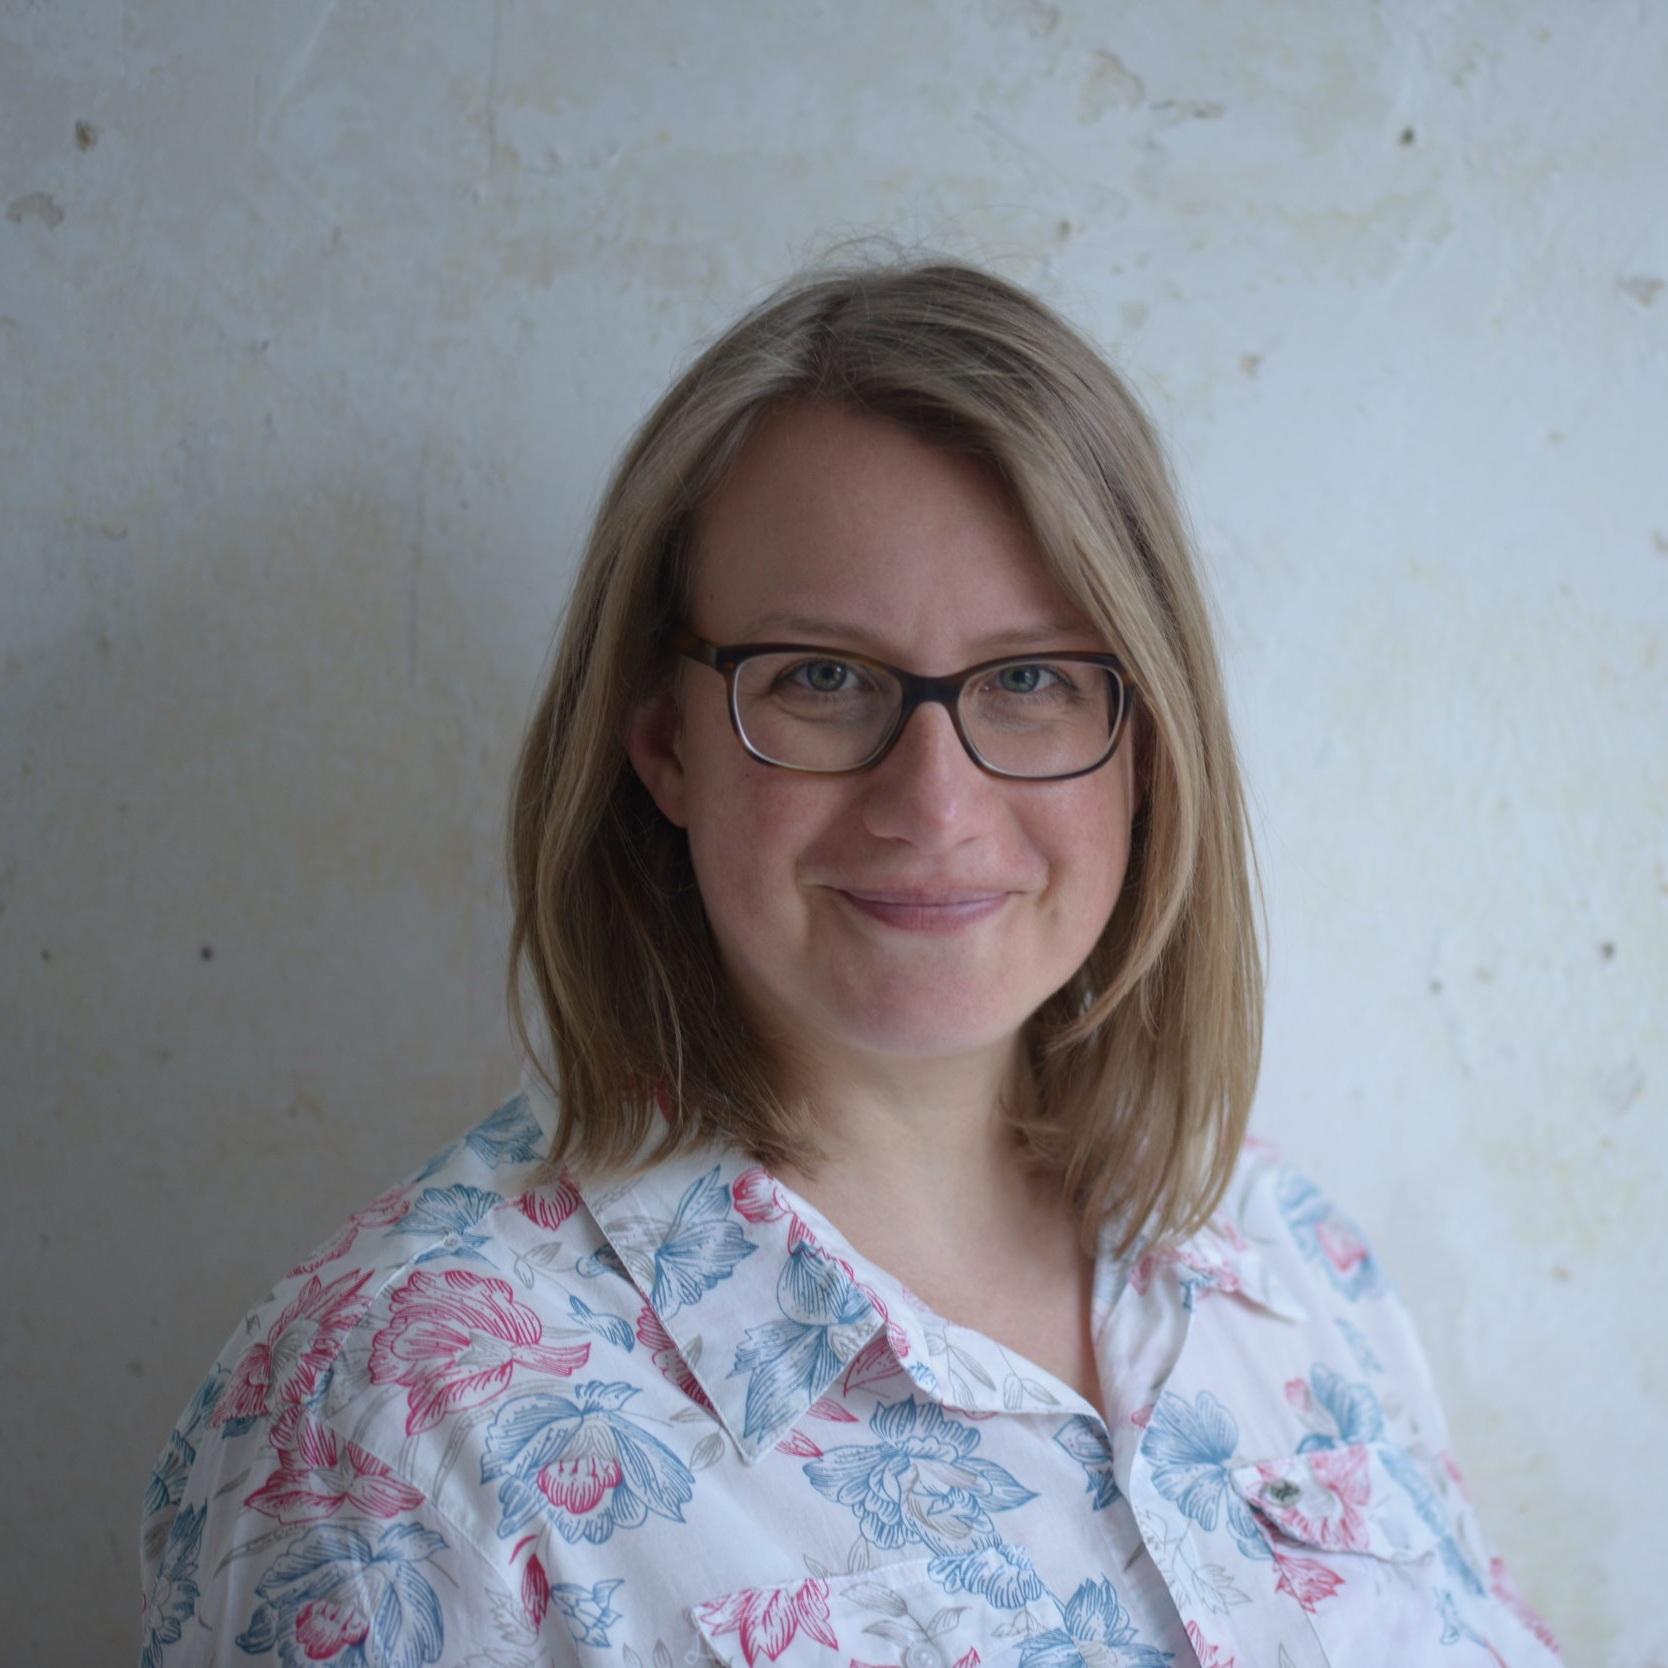 Annette Mörler